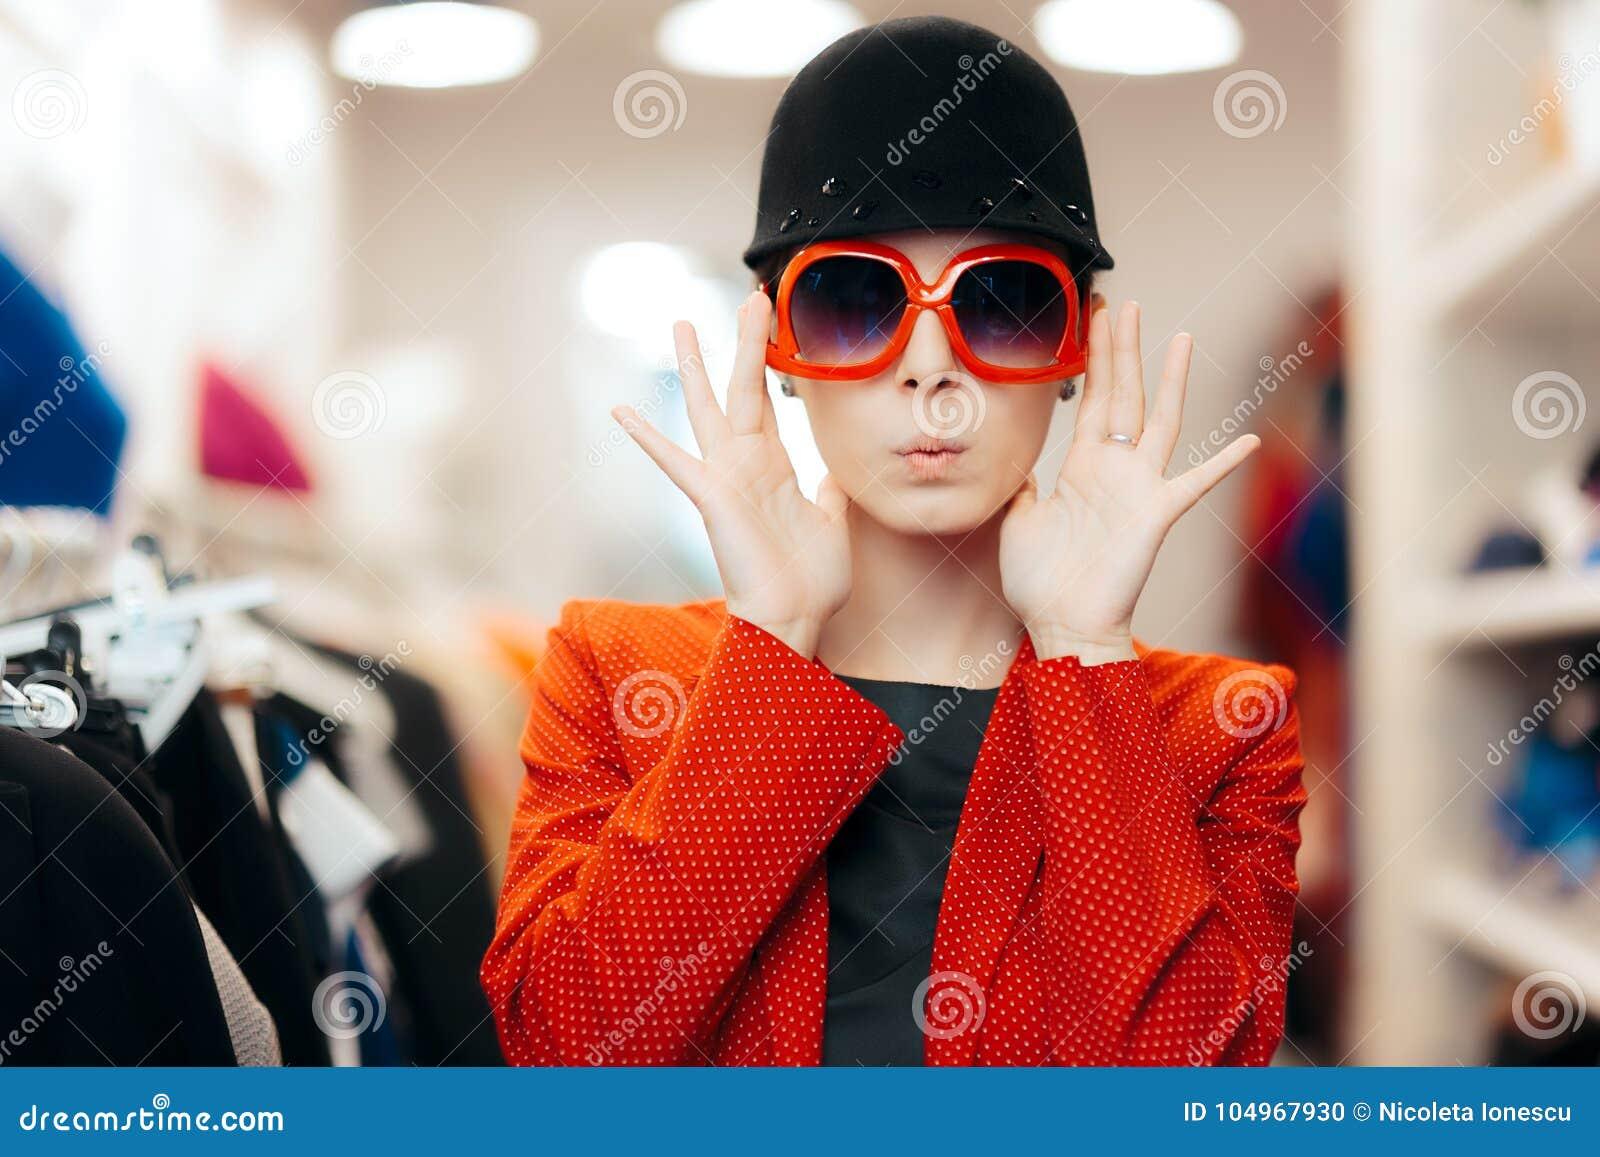 56e3674a77 Fille élégante excentrique de mode avec de grandes lunettes de soleil et  chapeau chic